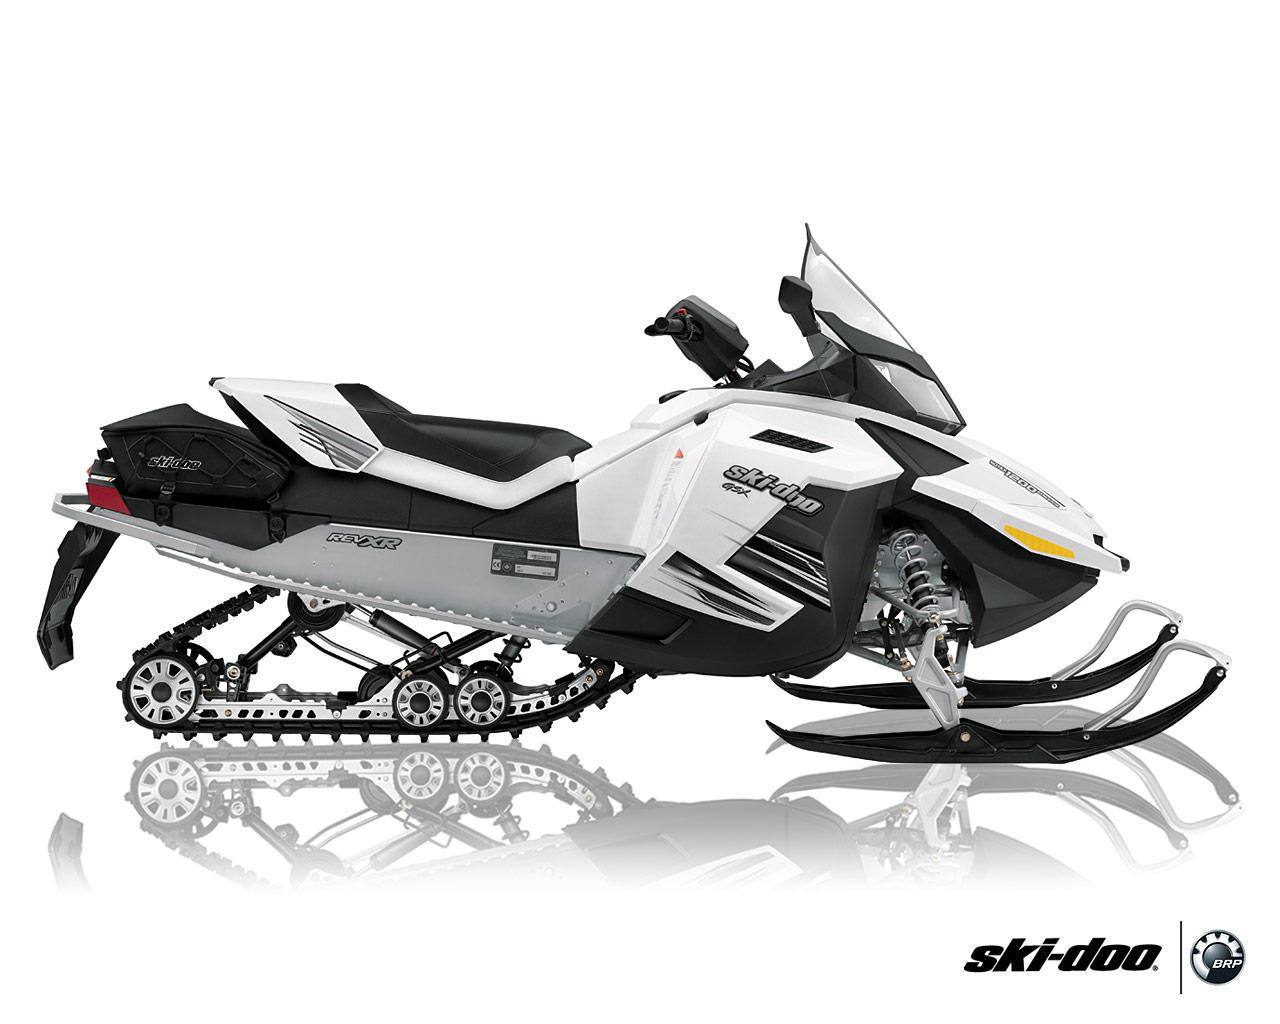 P-Dog Snowmobile Rental and Repair, Inc. image 6